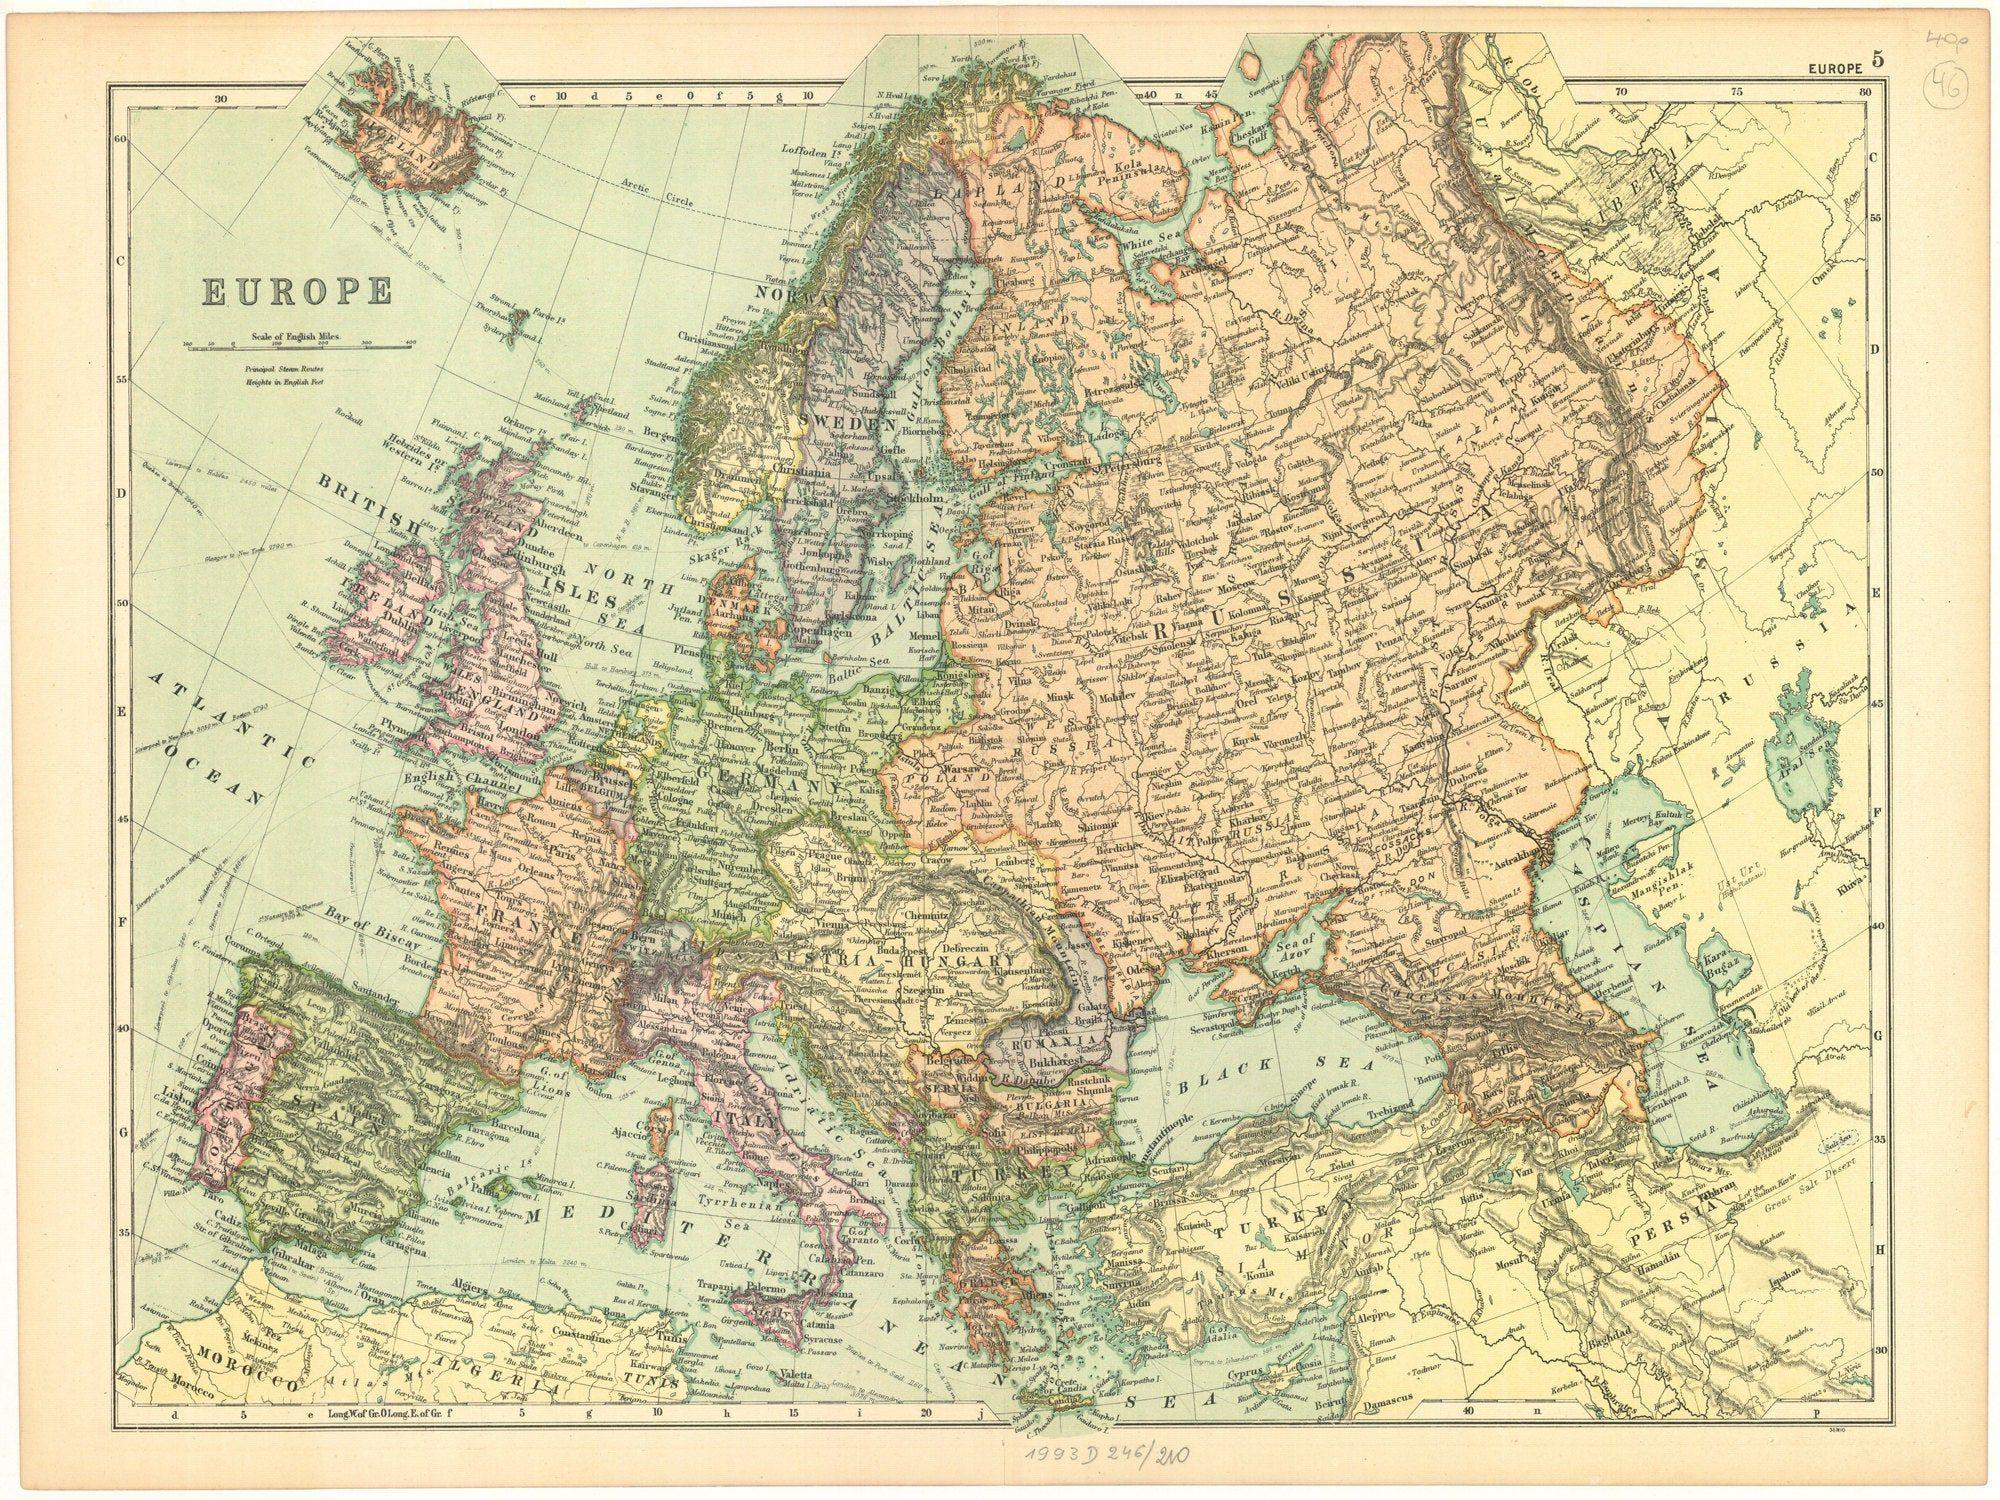 Old Map Of Europe Old Europe Map Map Of Europe Printable Etsy Europe Map Printable Europe Map World Map Decor